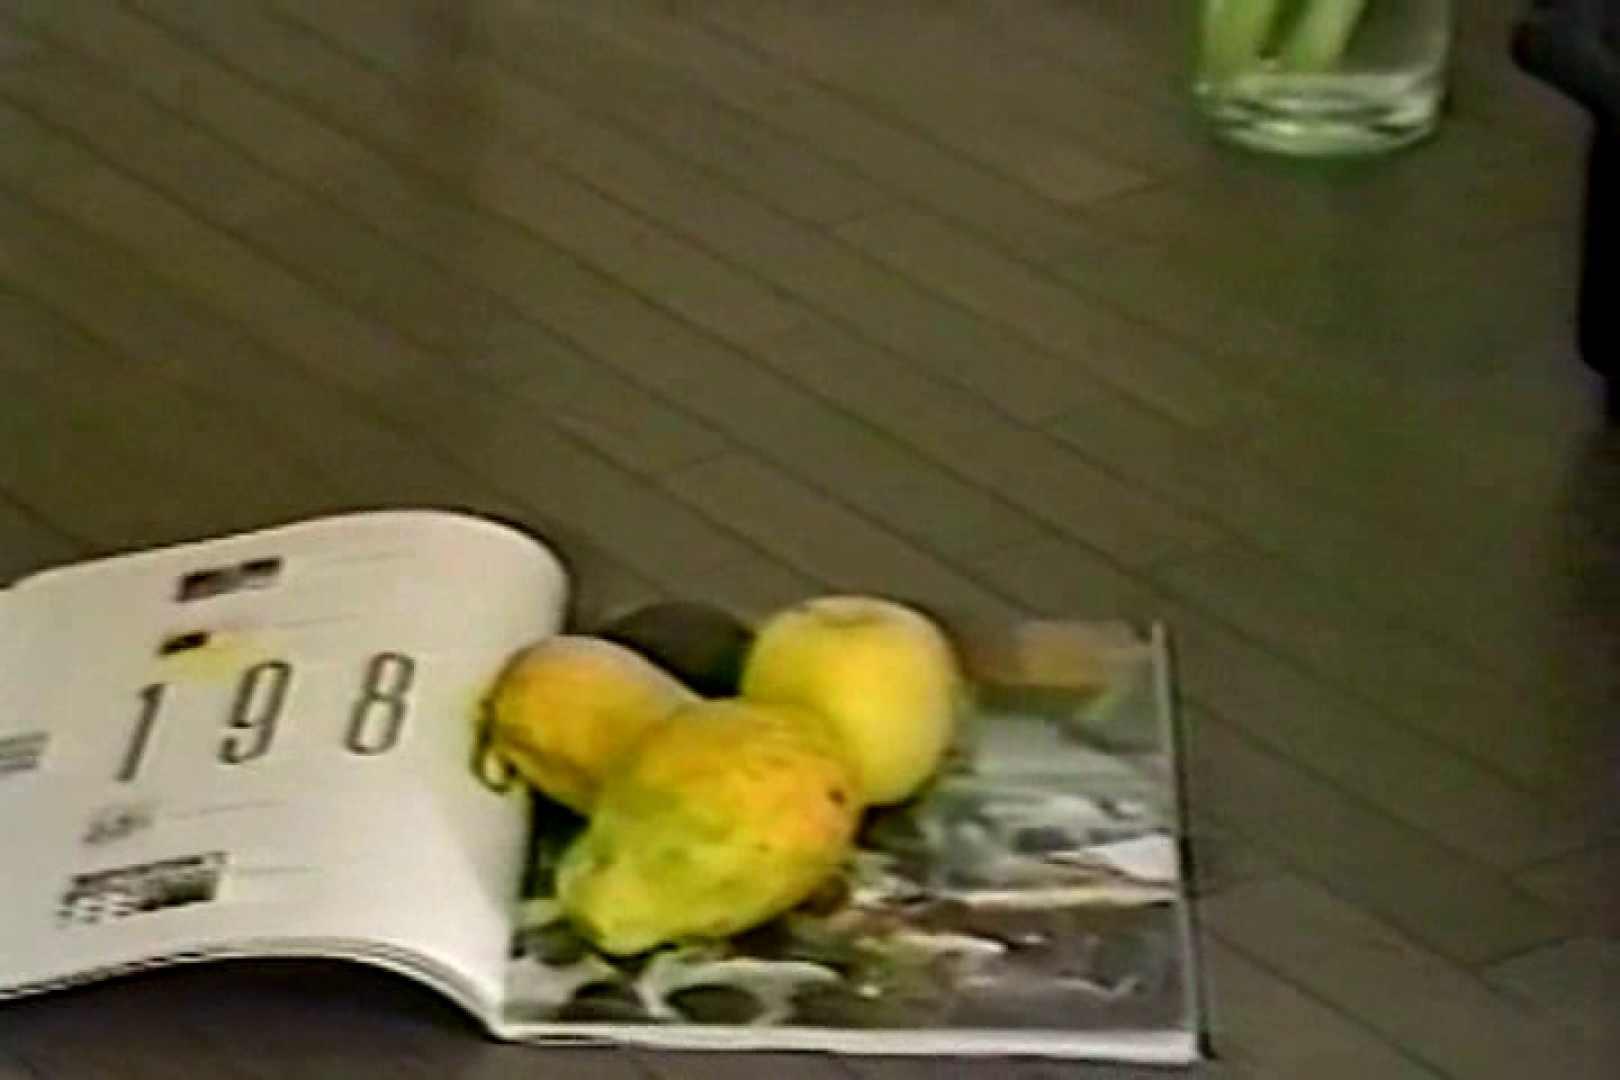 発掘!!あの頃の名作 Vol.02 スジ筋系ボーイズ | スリム美少年系ジャニ系  75pic 35